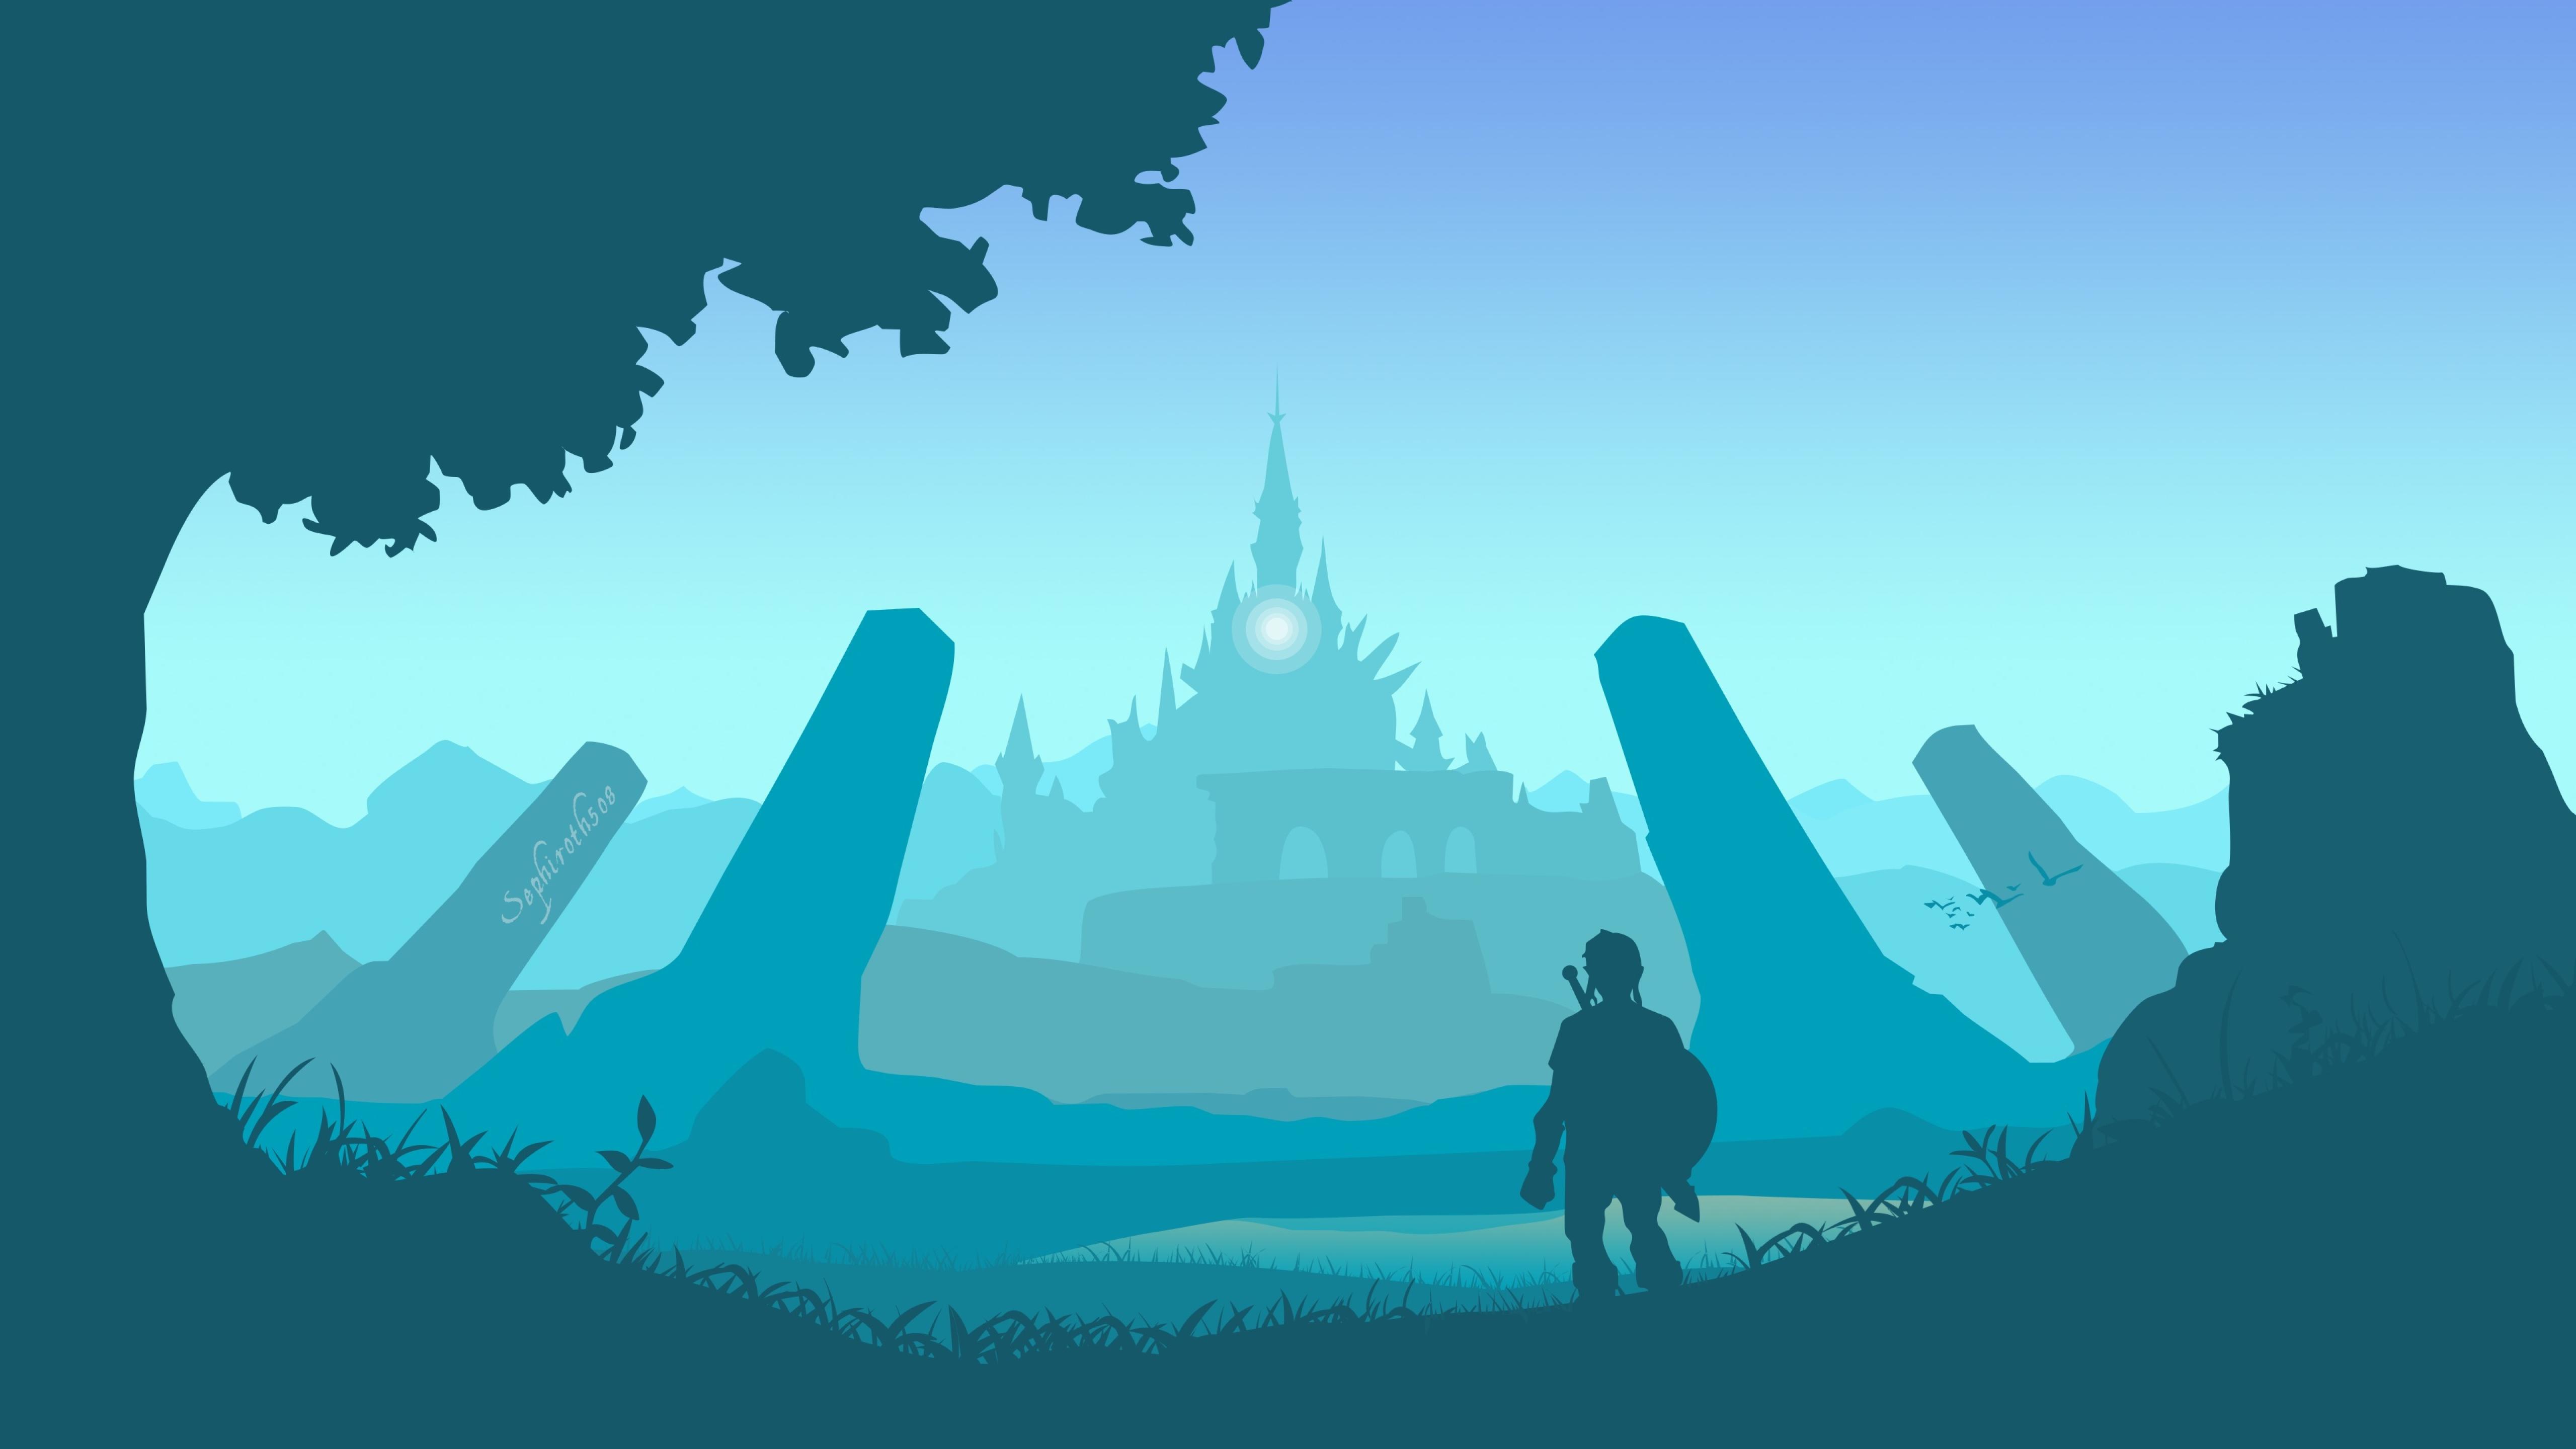 5120x2880 The Legend Of Zelda Breath Of The Wild Art 5k